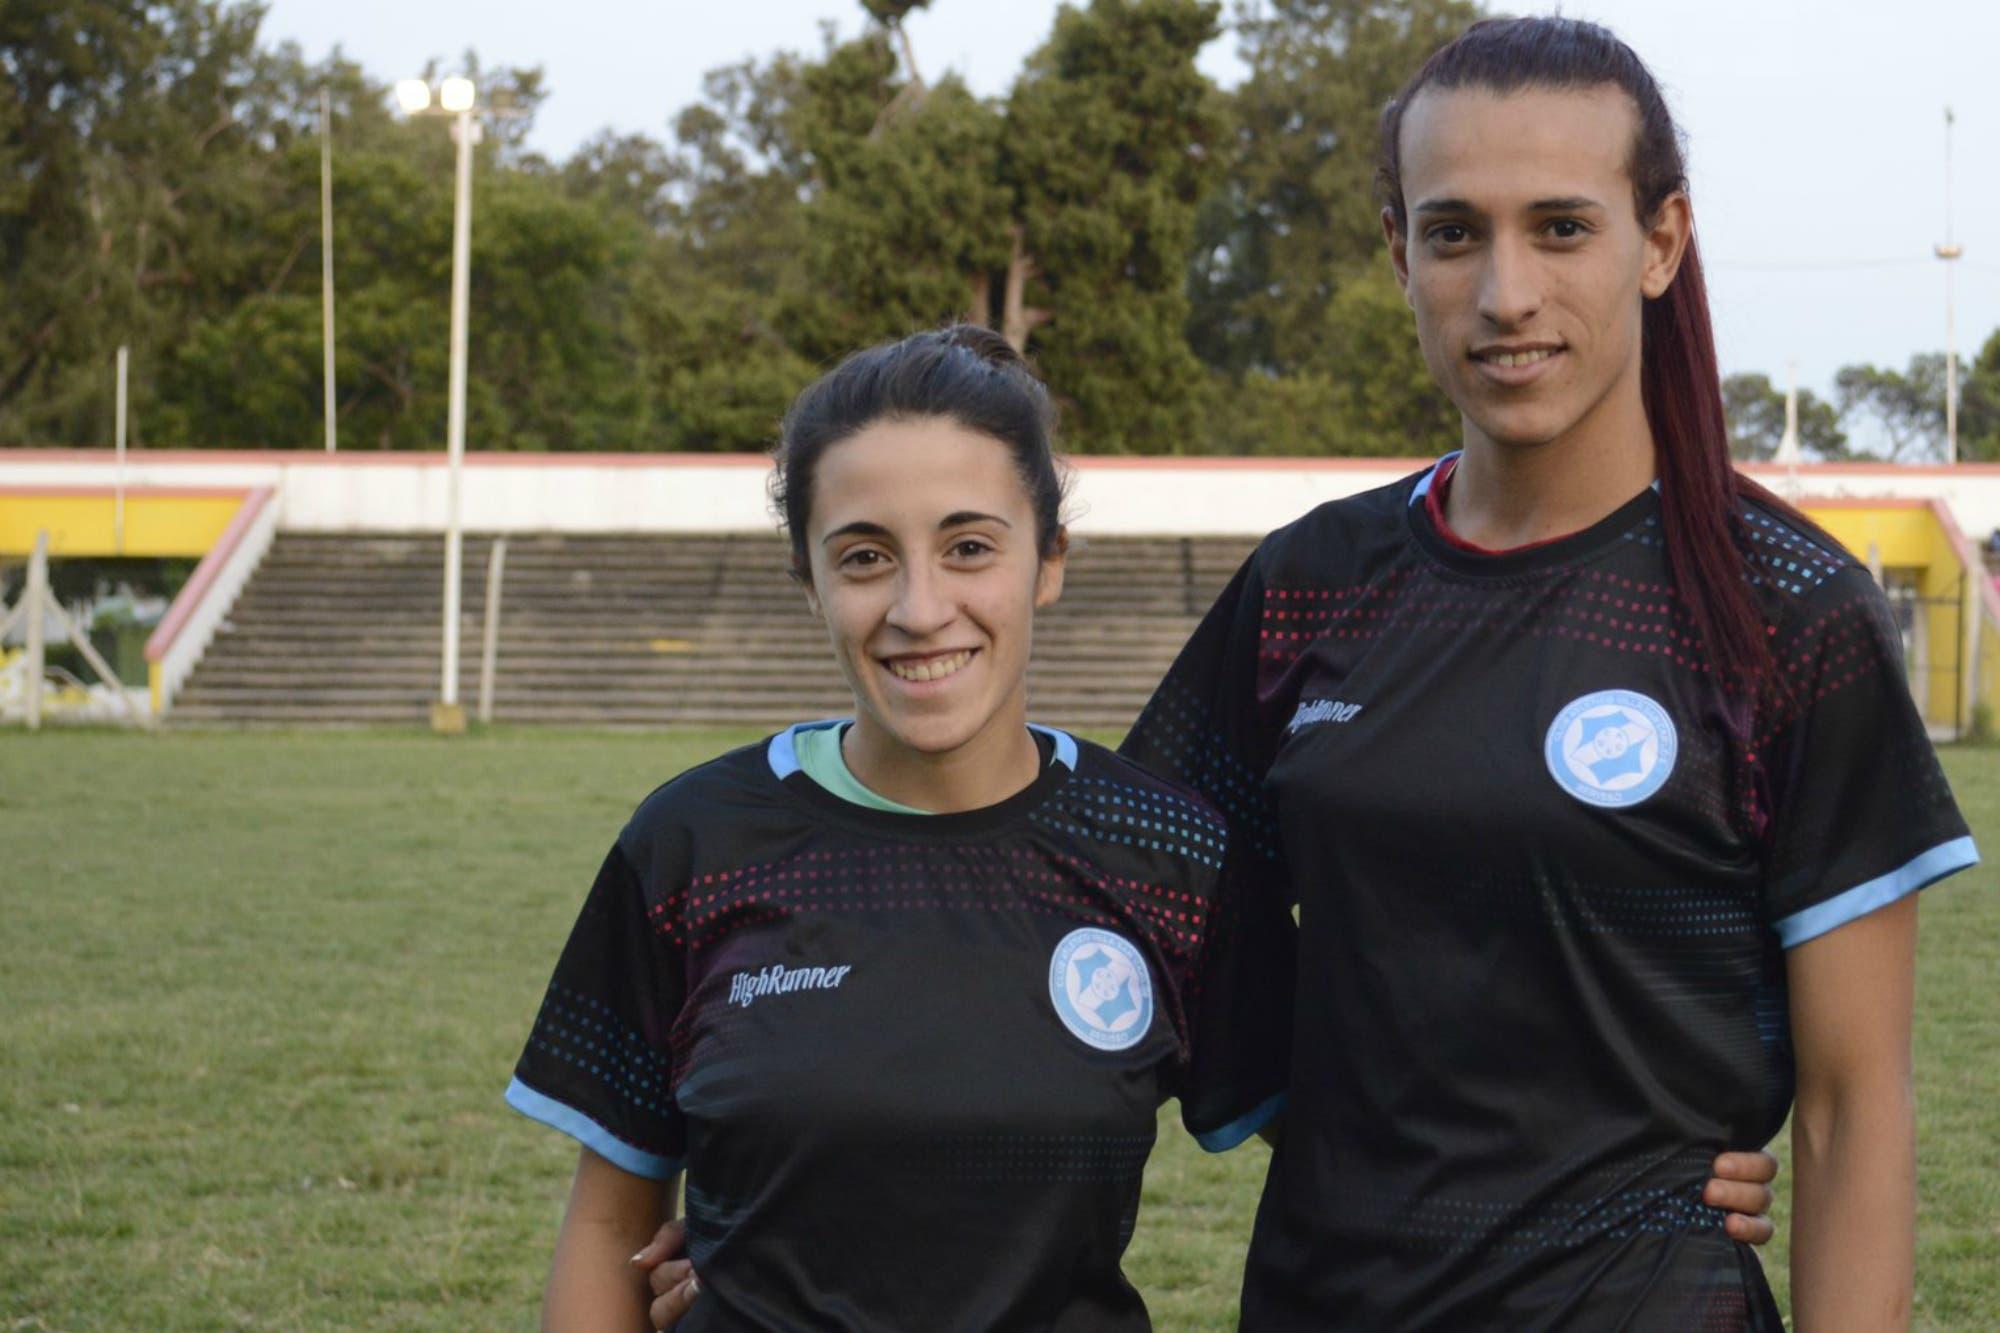 Fútbol femenino: Villa San Carlos sumó a la primera jugadora trans en el torneo de la AFA